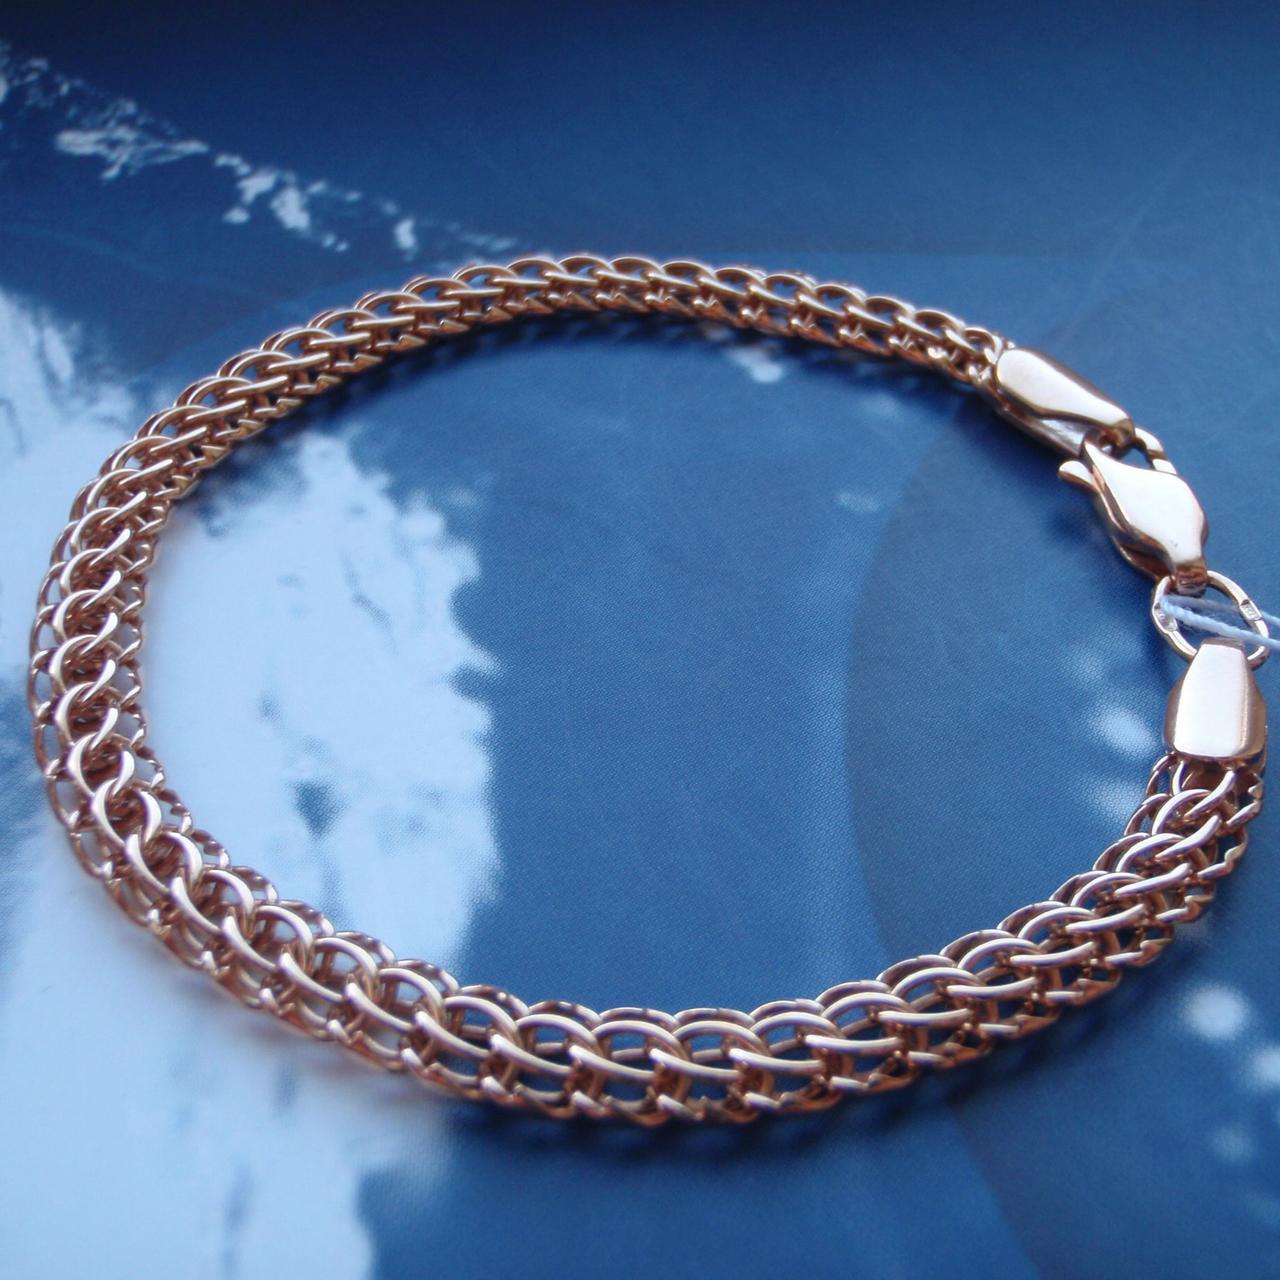 Серебряный позолоченный браслет, 210мм, 11 грамм, плетение Питон